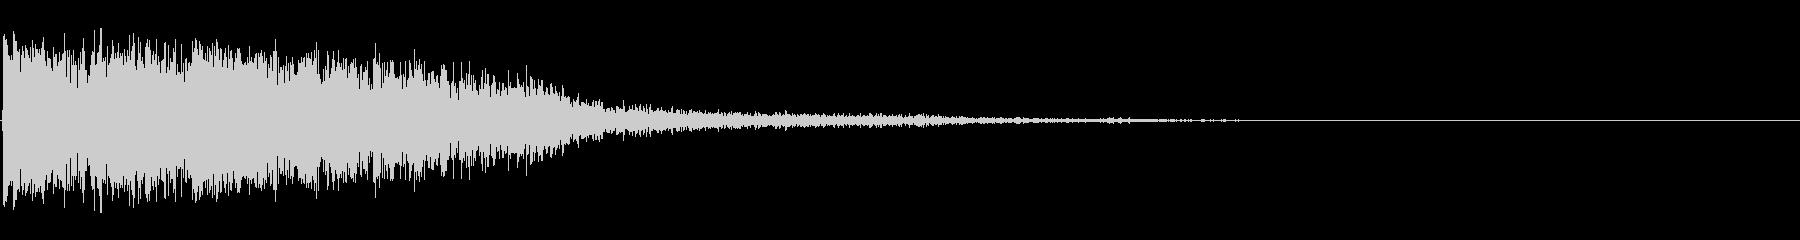 スミス&ウェッソンモデル586、0...の未再生の波形